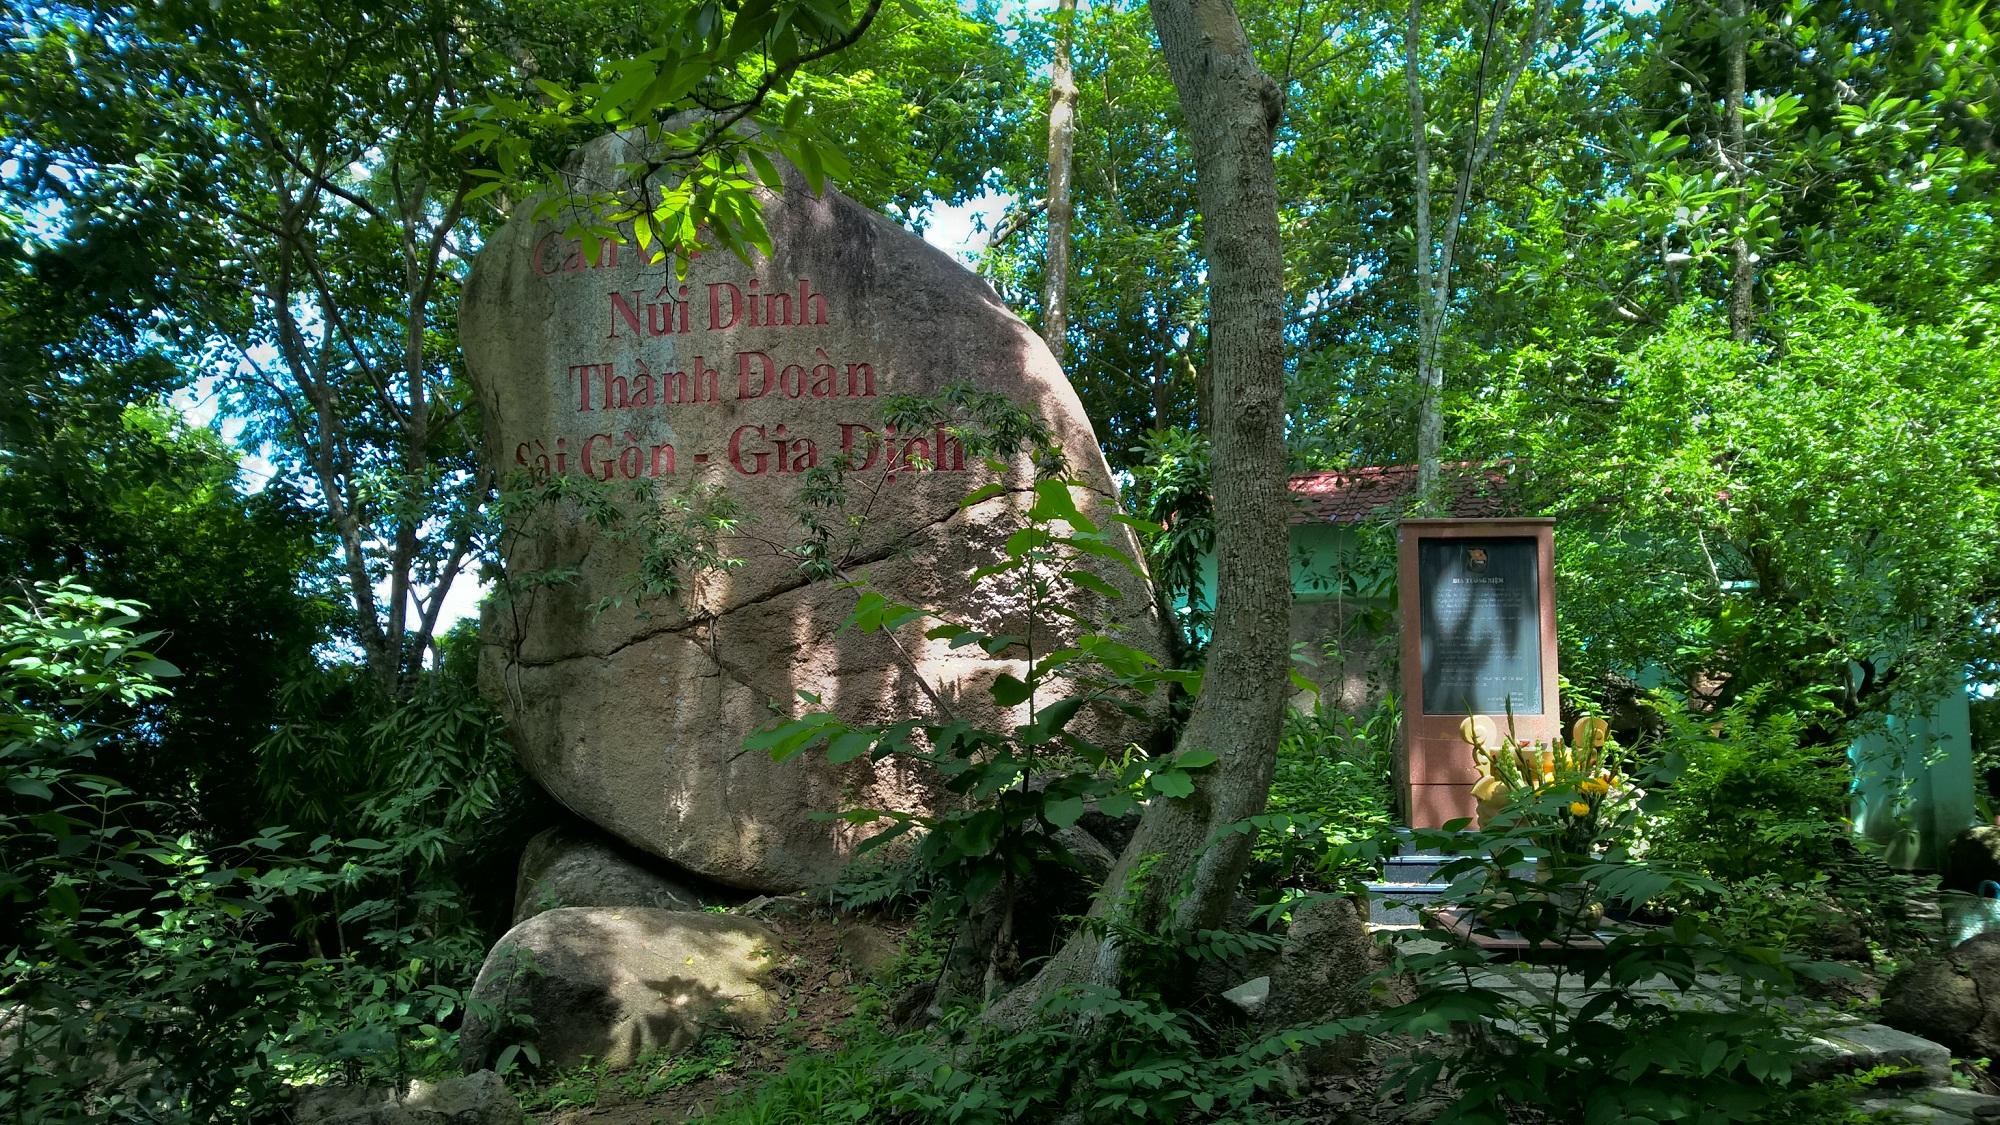 Núi Dinh thuộc huyện Tân Thành, cao khoảng 500 m với rừng cây xanh bao phủ, địa hình phức tạp. Nơi đây vừa là điểm du lịch sinh thái vừa là nơi du lịch tâm linh, tín ngưỡng với nhiều ngôi chùa nổi tiếng như chùa Hang, chùa Tây Phương, chùa Đại Tùng Lâm…